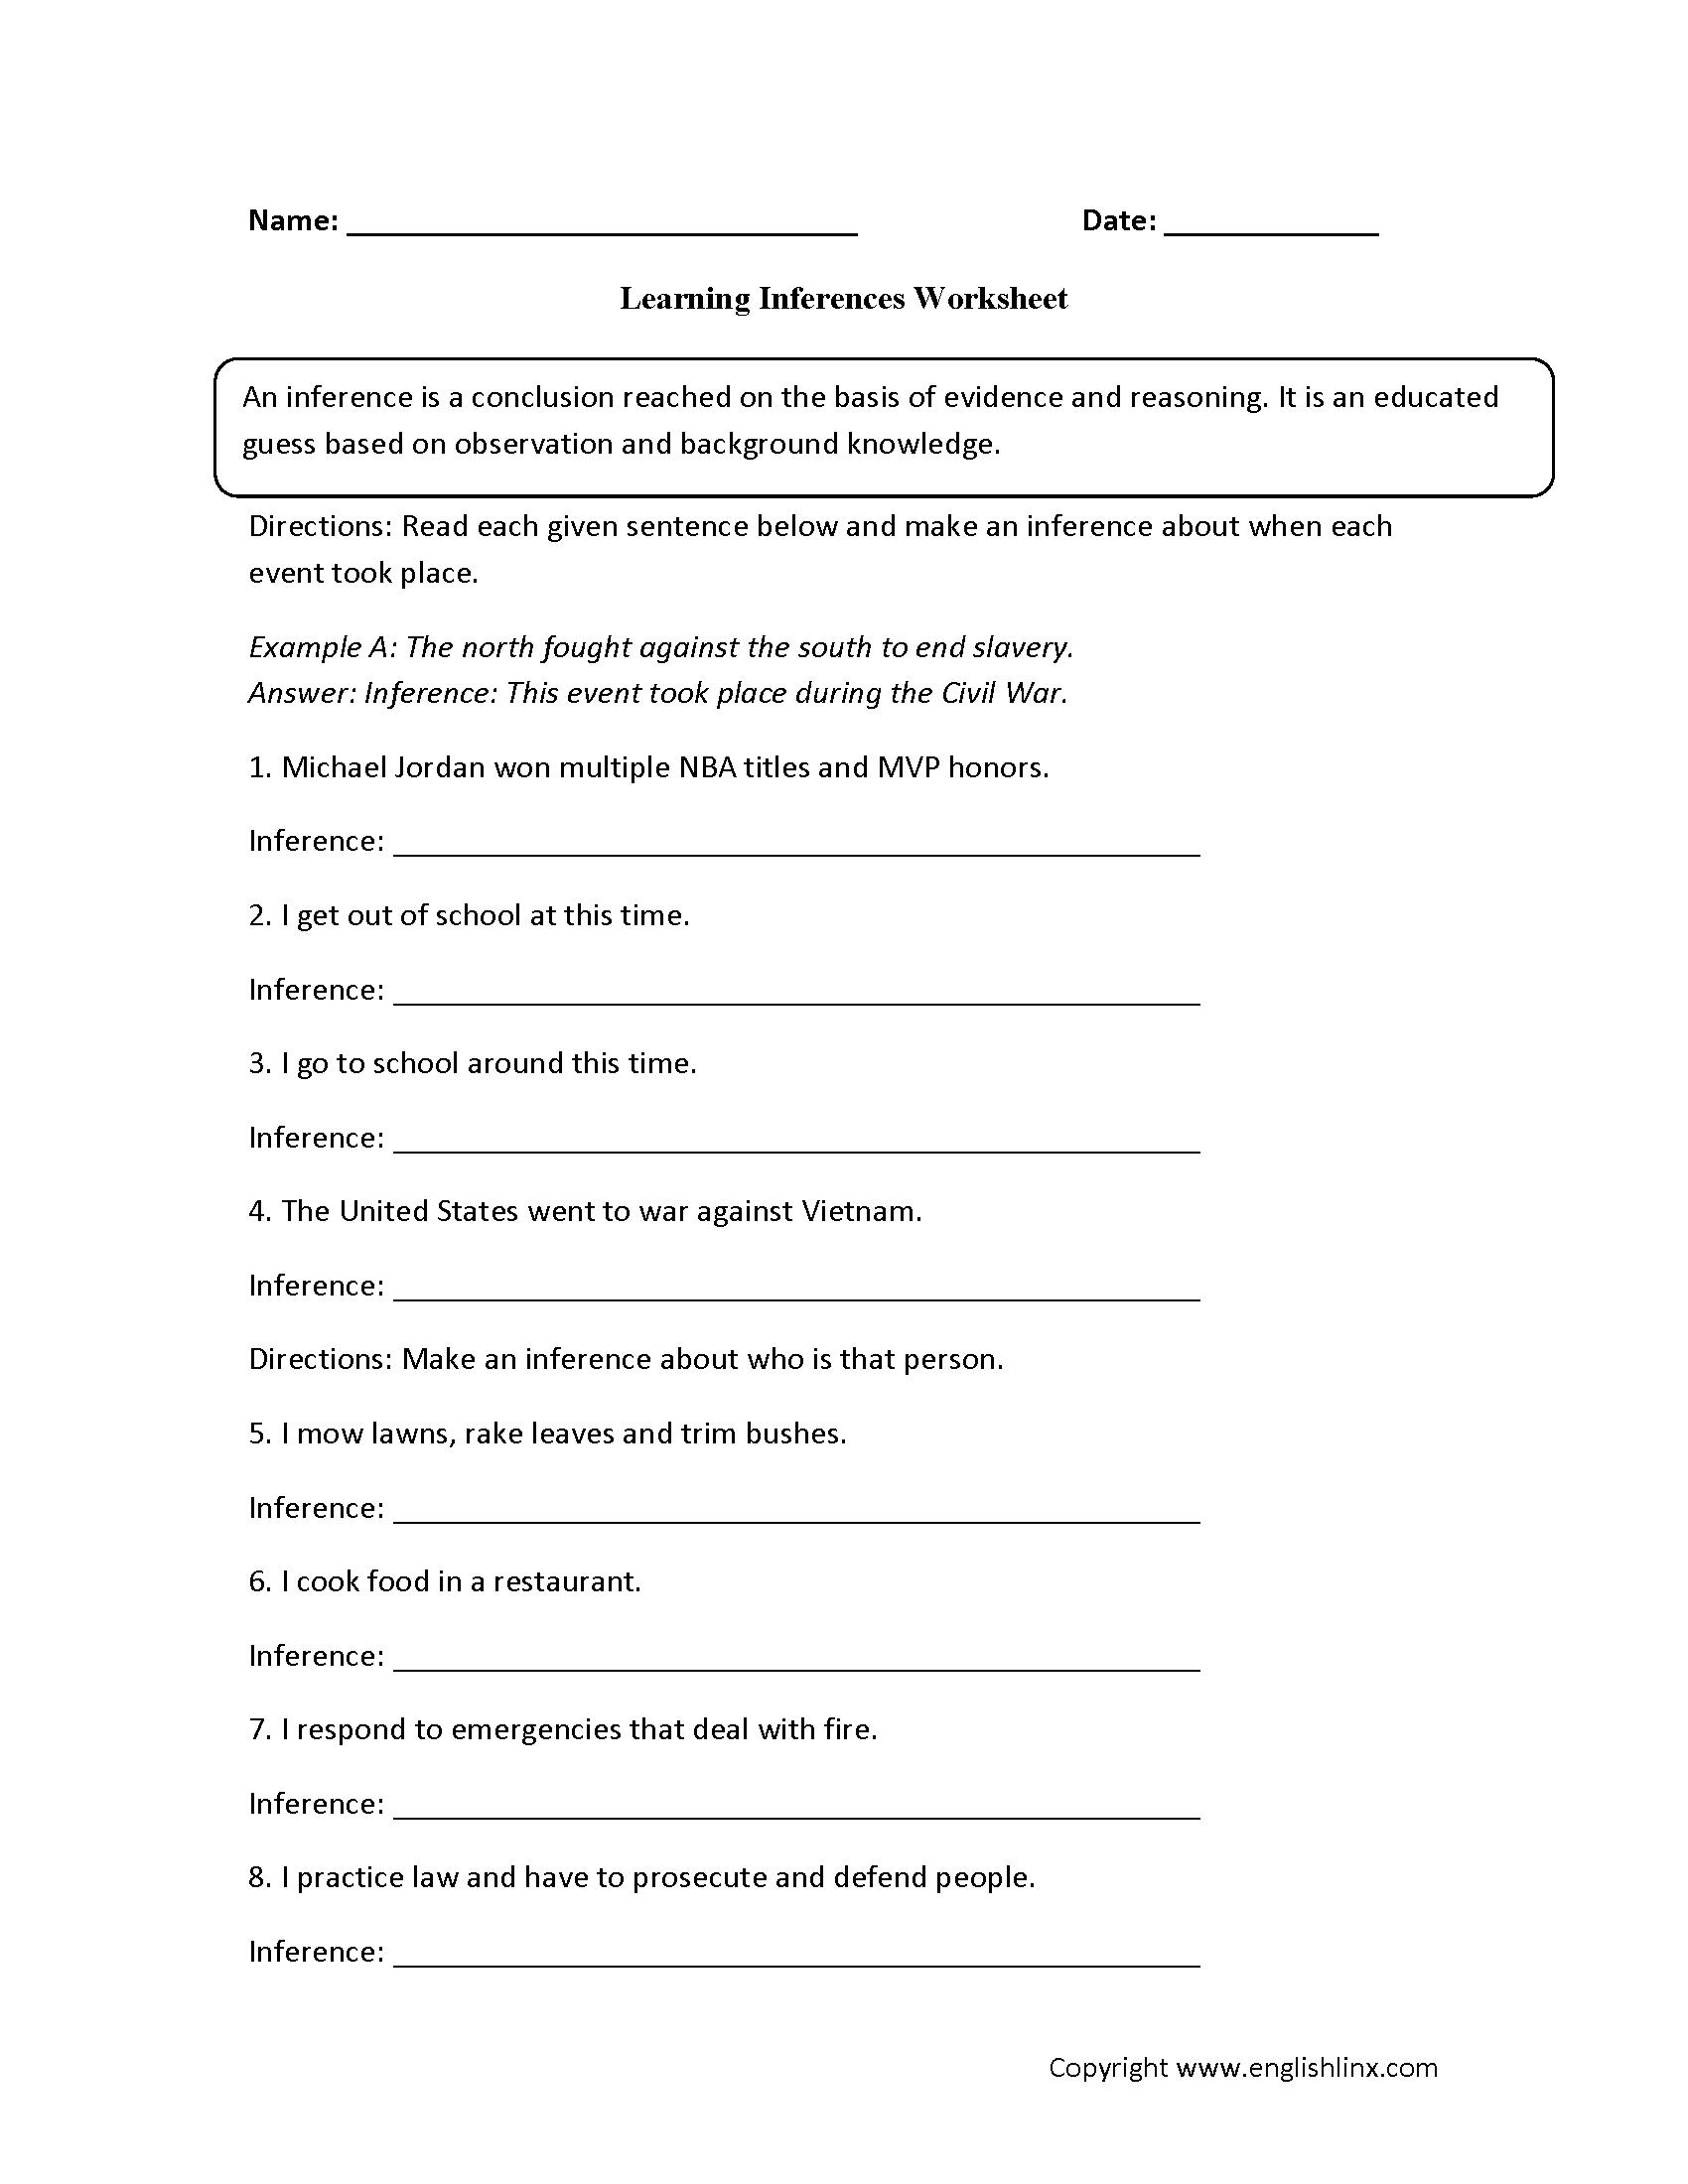 Worksheets Inferences Worksheet 4 learning inference worksheets englishlinx com board pinterest worksheets